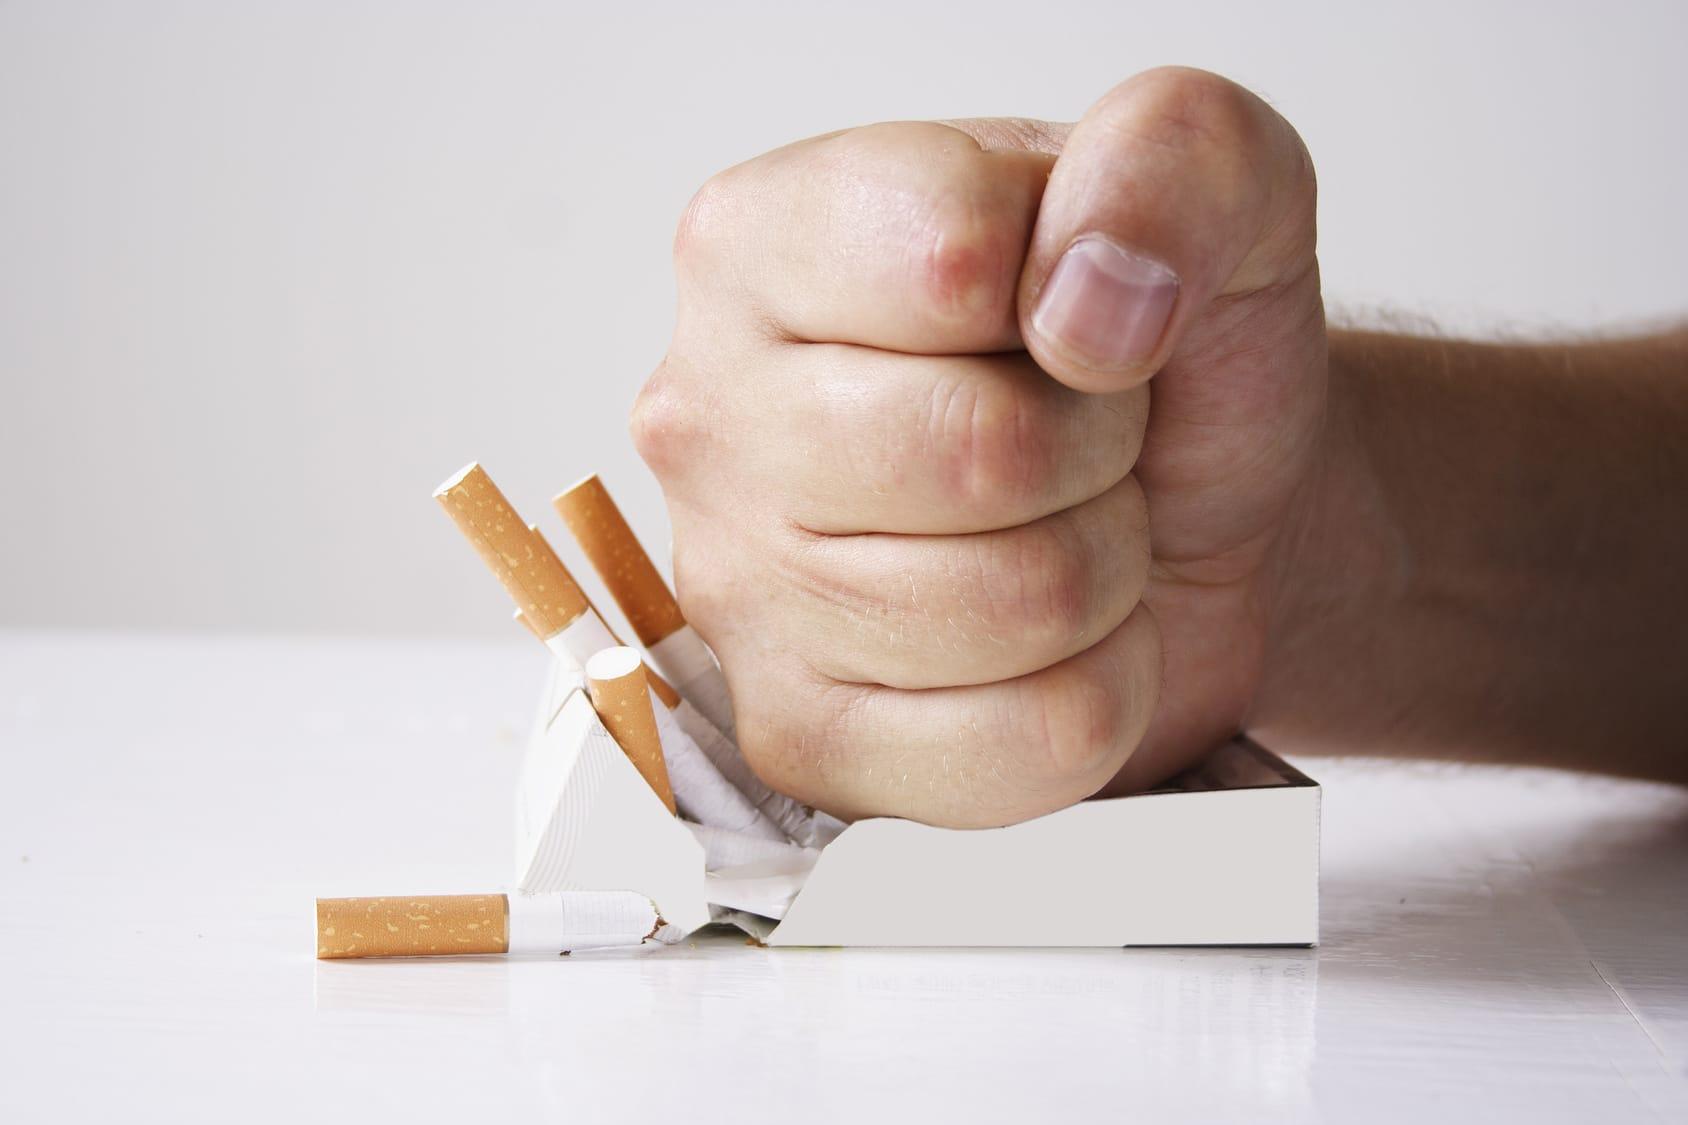 Mit dem Rauchen aufhören – mit diesen 7 Tricks klappt es bestimmt